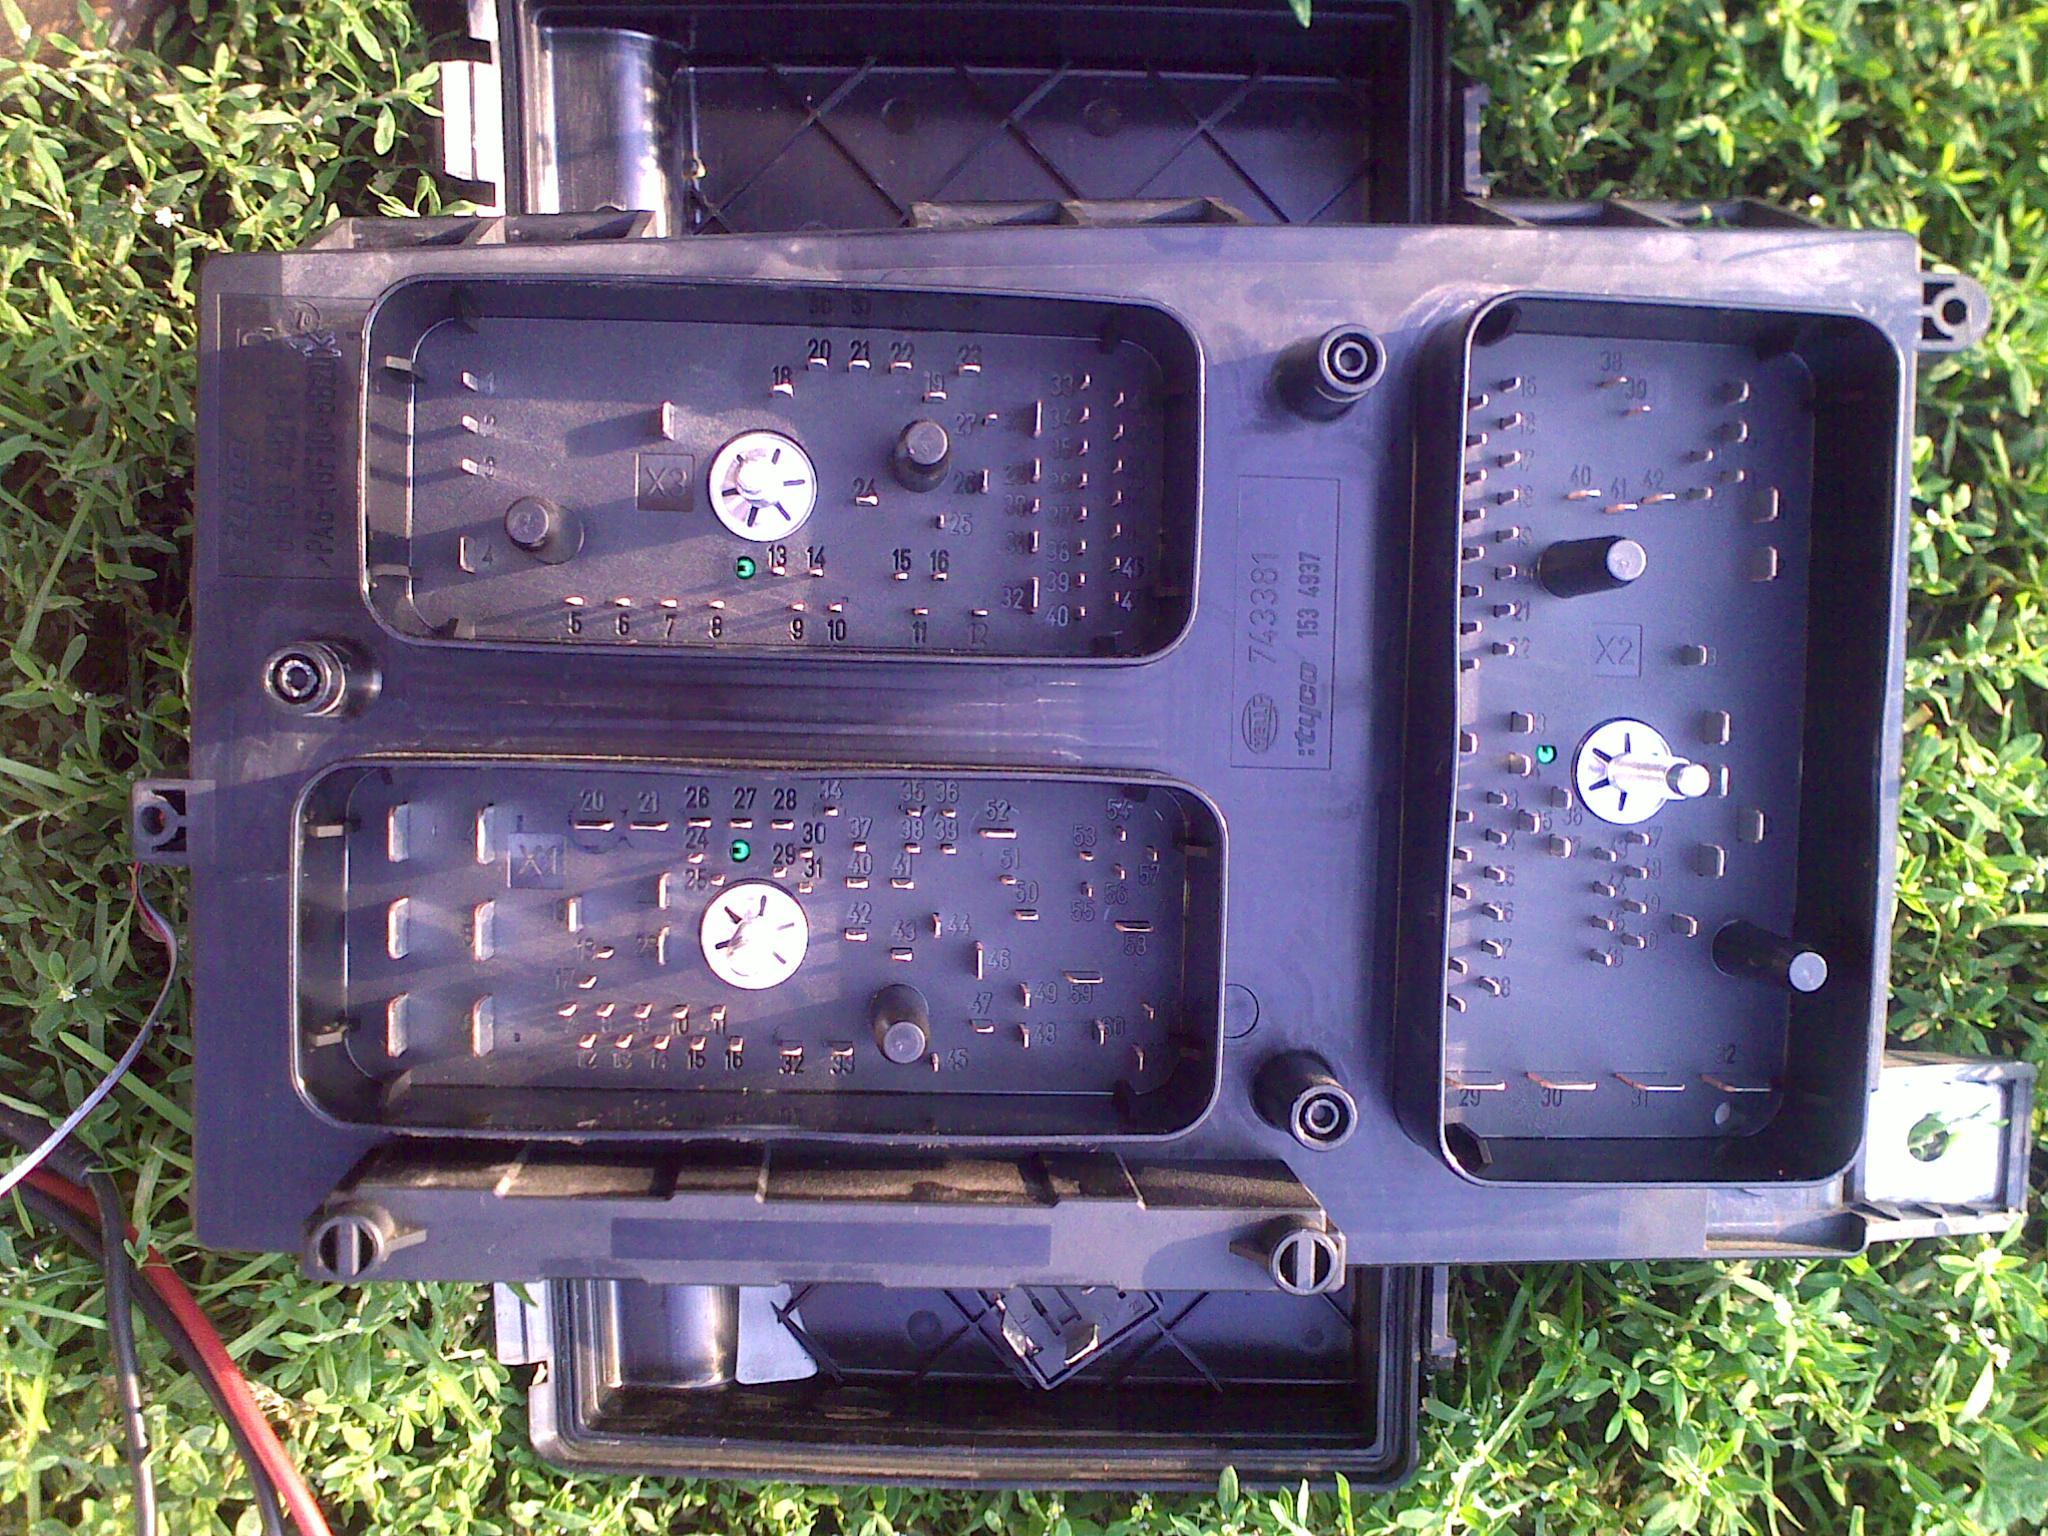 astra h 14xep - skrzynka bezpiecznik�w/przeka�nik�w od �rodka